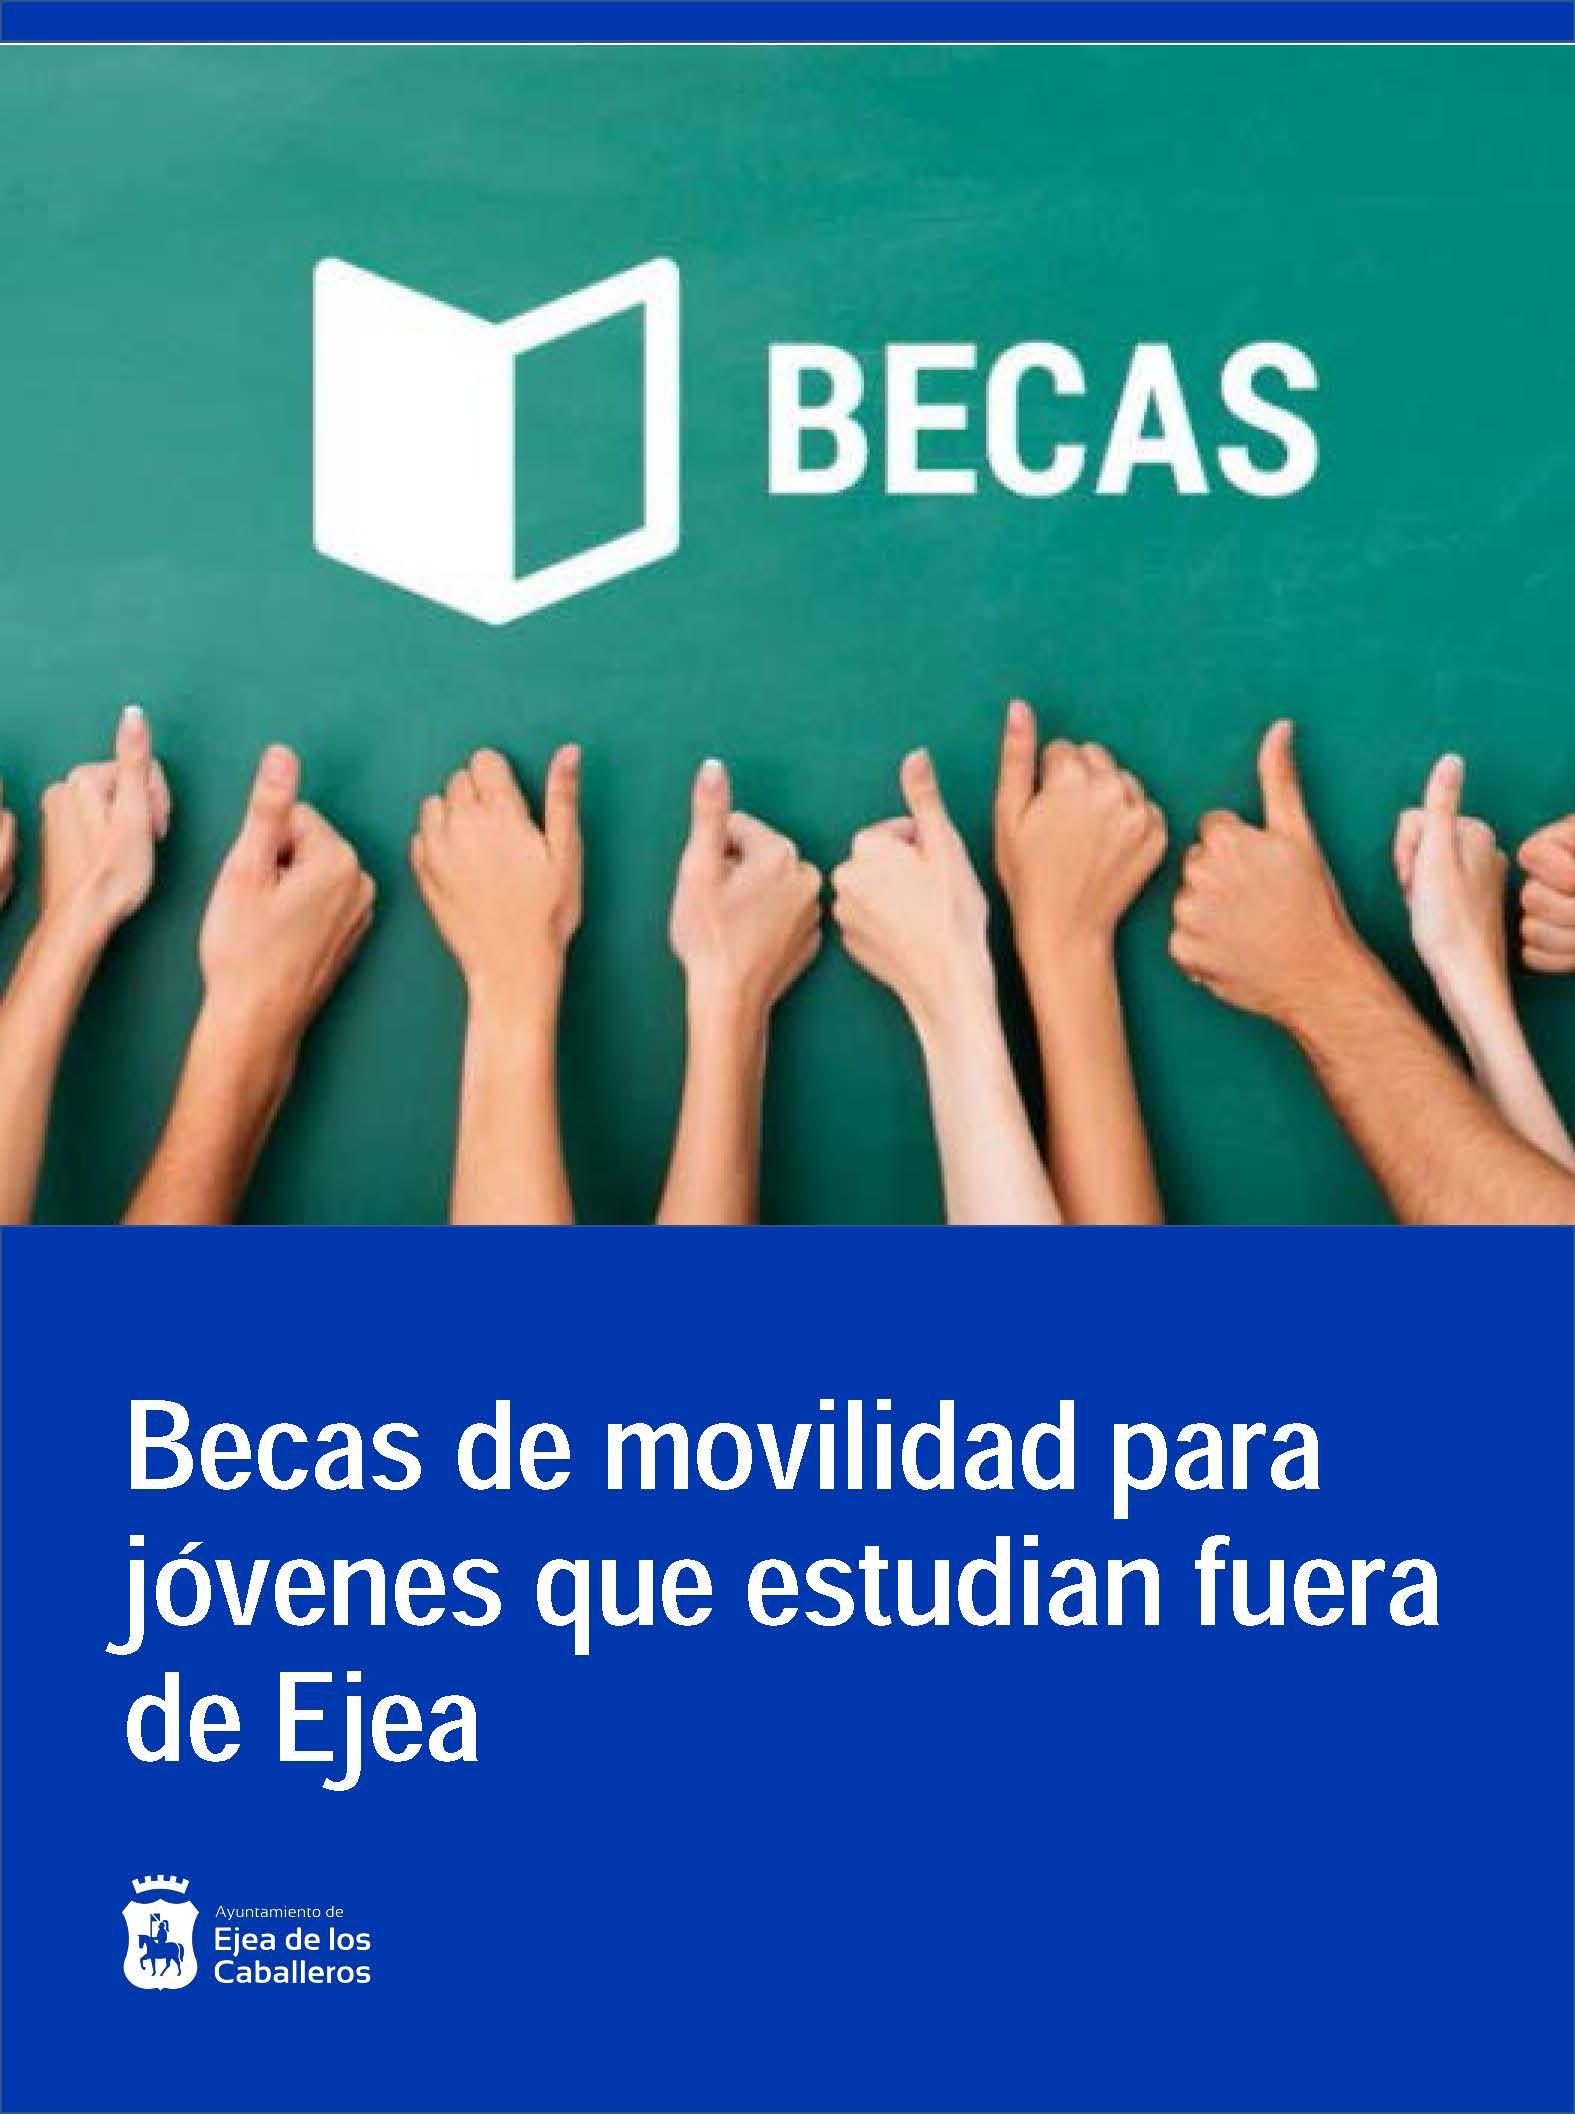 El Ayuntamiento de Ejea destina 16.000 € para ayudar a los jóvenes que estudian fuera del municipio